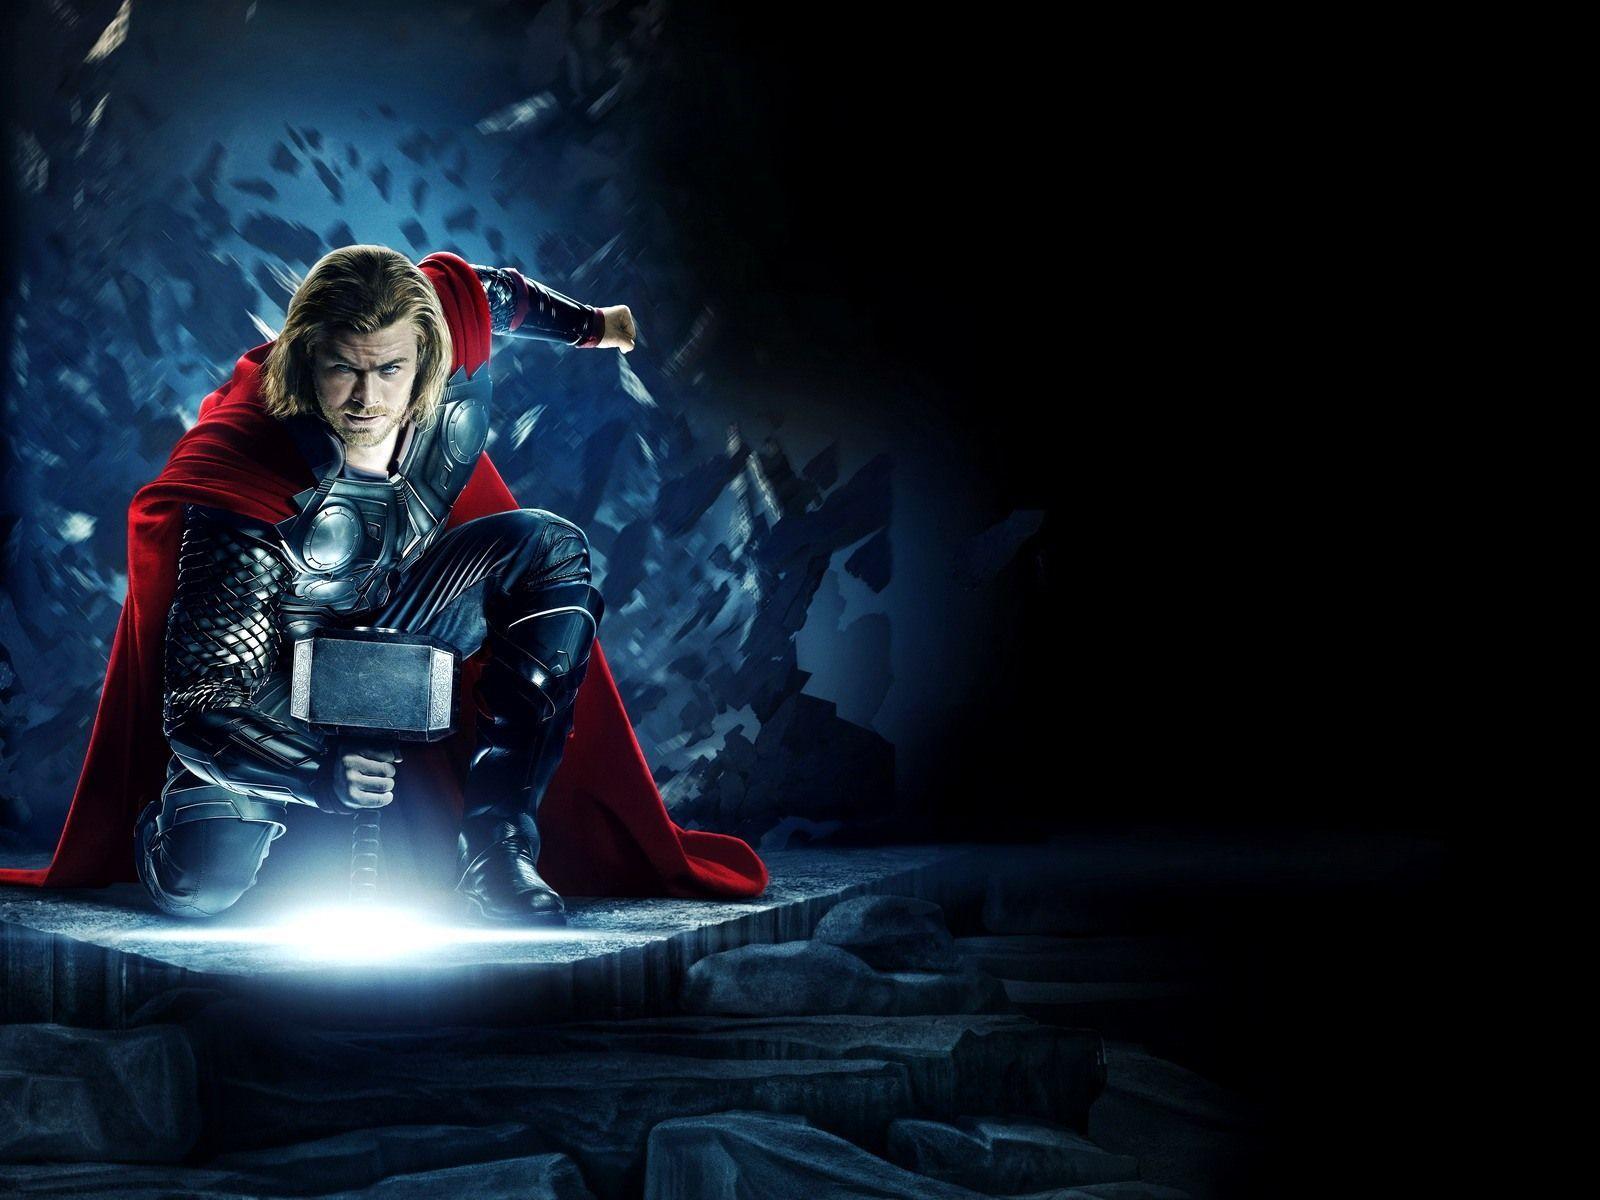 Top Wallpaper Marvel Thor - 103723c6d07ea789d942be0f575b1a0f  Image_568962.jpg